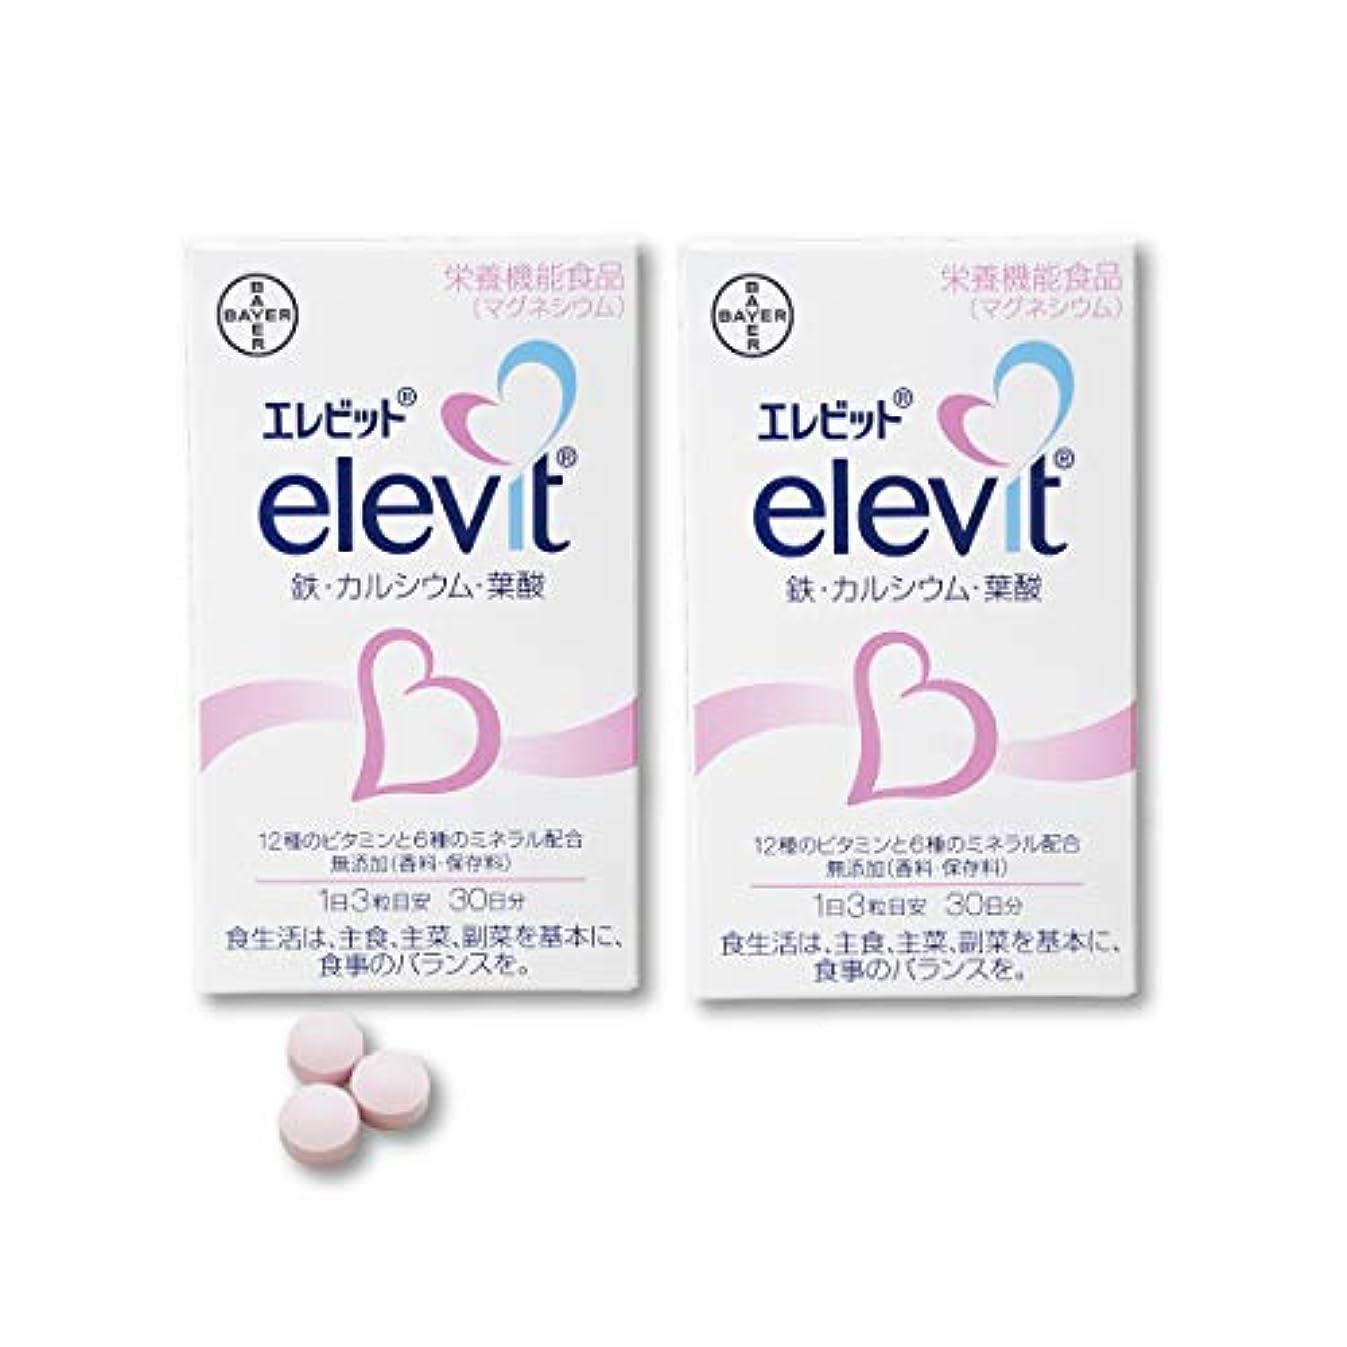 【2個】エレビット 90粒 ×2個 (4987341111090-2)